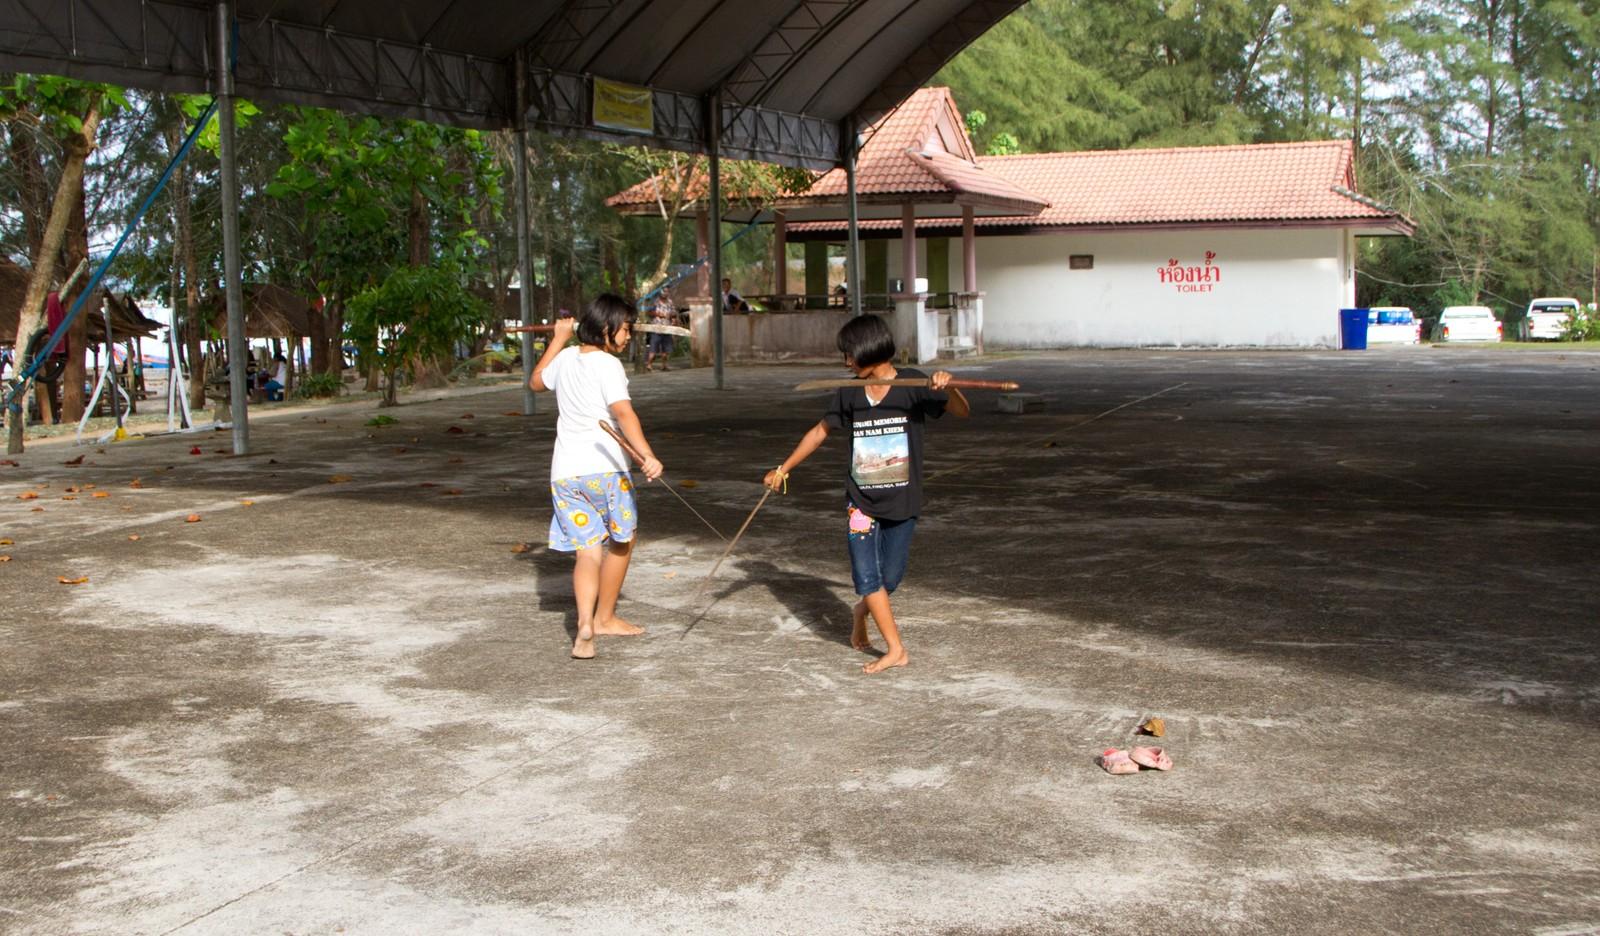 Jentene fekter og øver på en gammel tradisjonell thailandsk kampsport. De skal opptre på minneseremonien 26. desember.